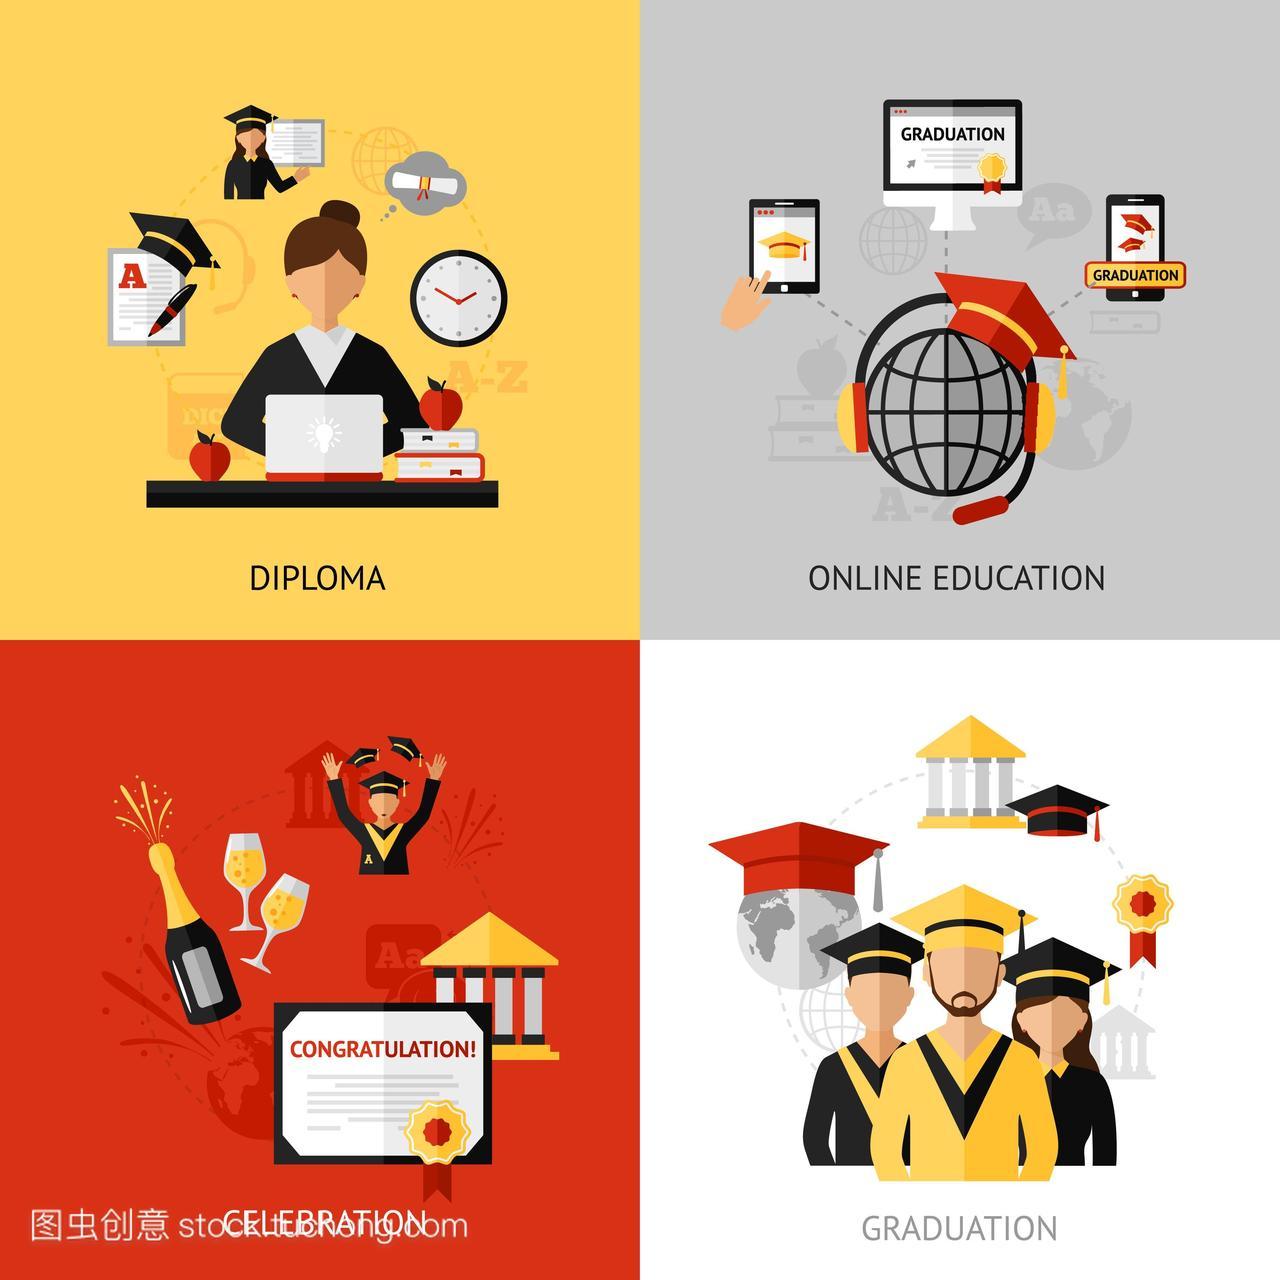 毕业设计理念与电源和在线教育学历图标分离的平面脉冲v电源图片